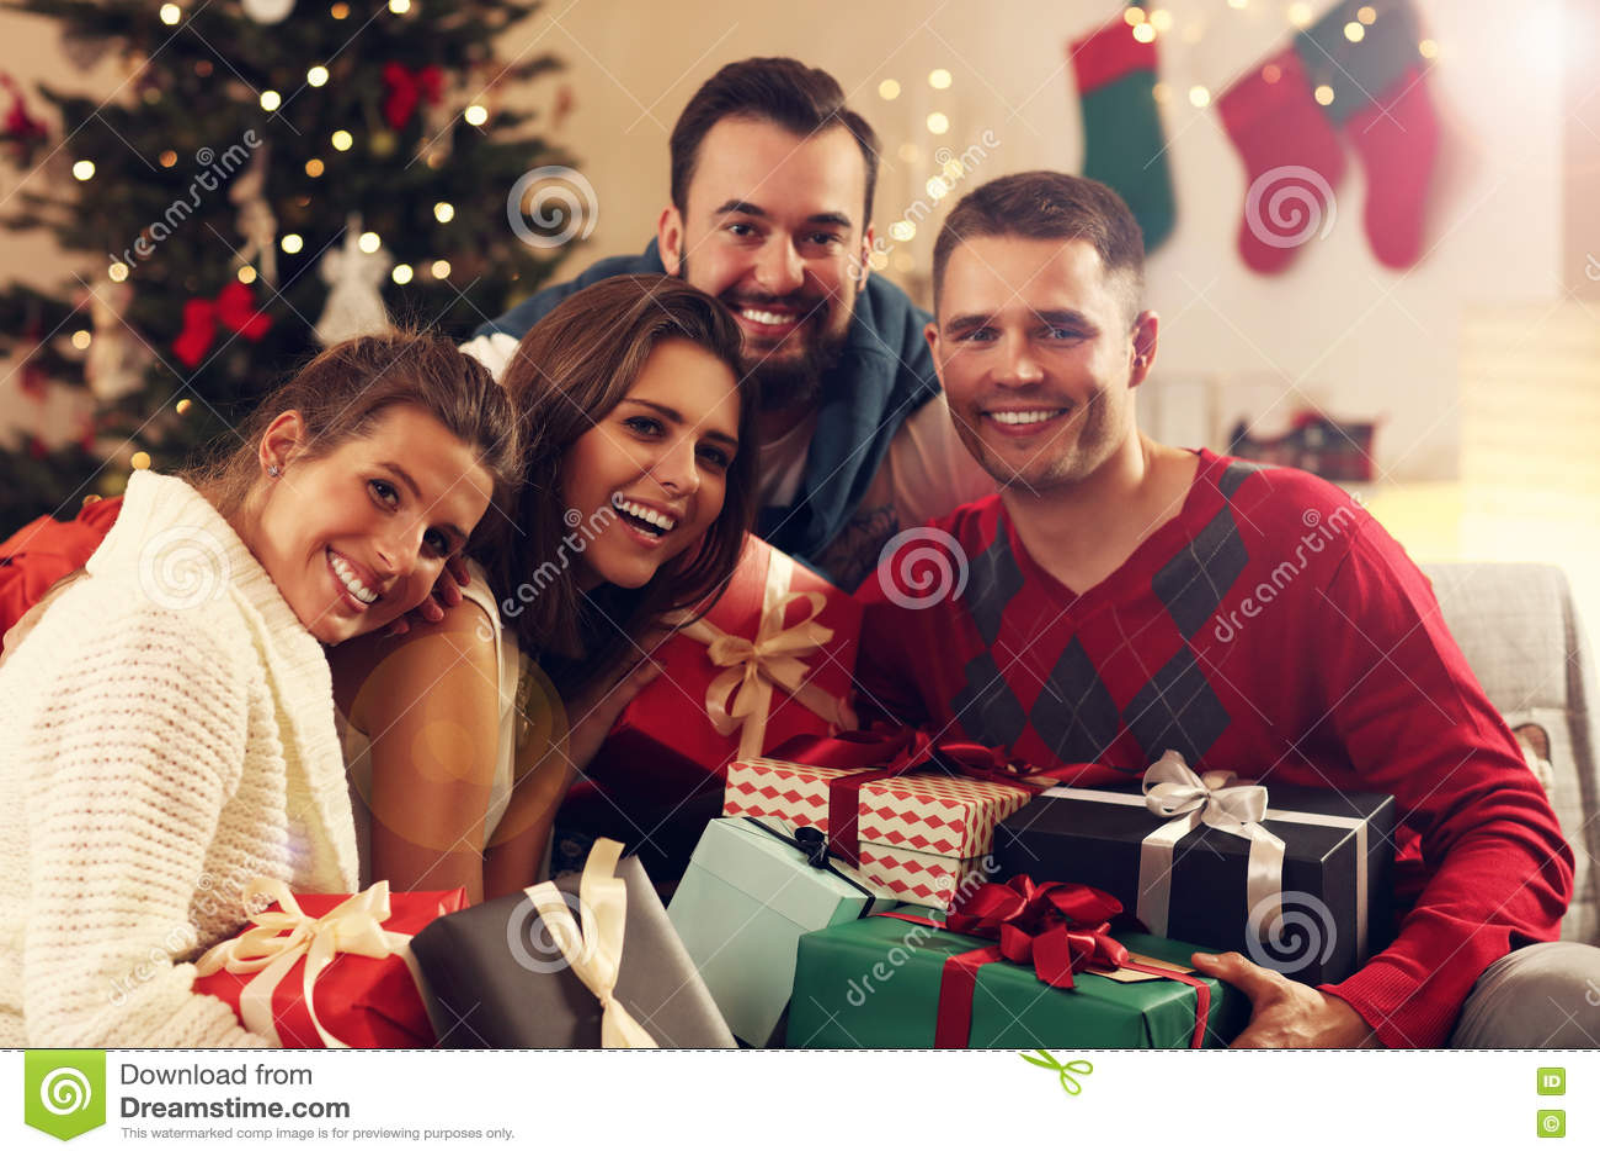 Gruppe Freunde Mit Weihnachtsgeschenken Stockbild - Bild von ...